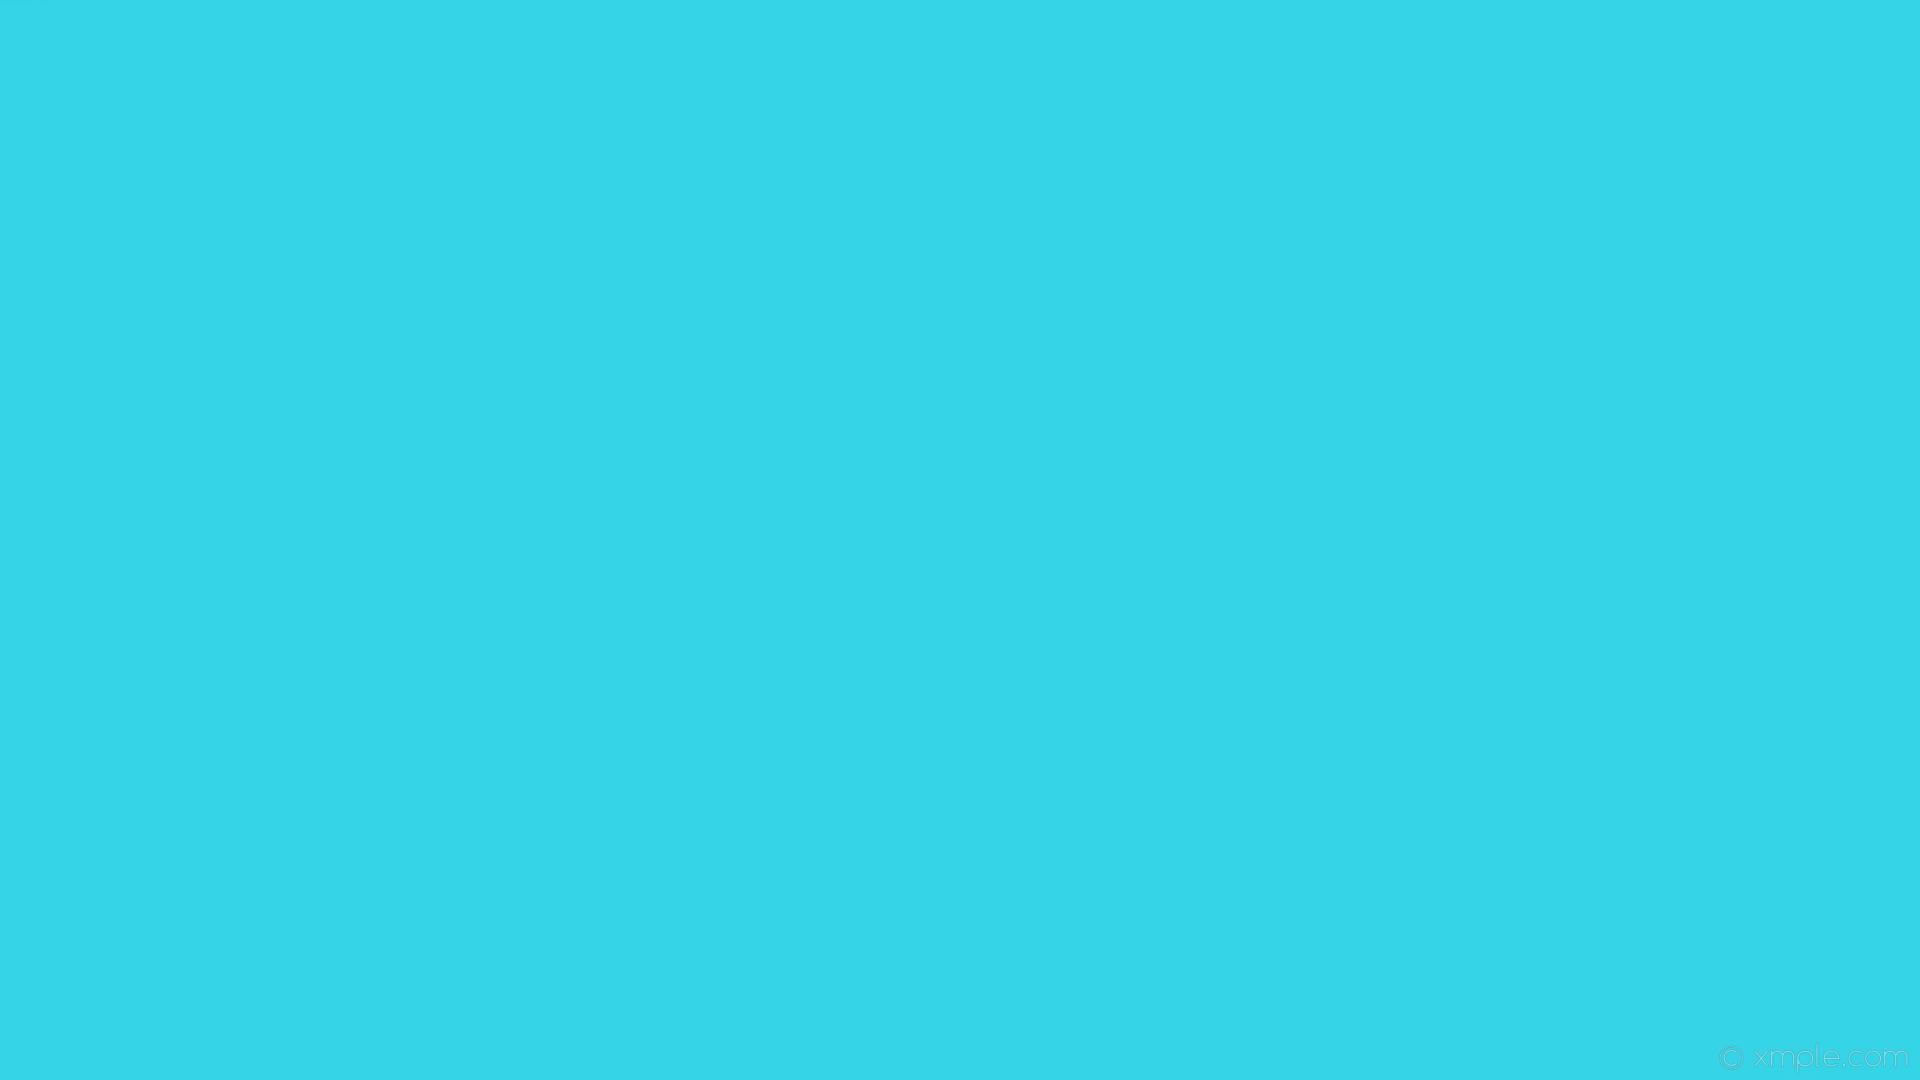 wallpaper one colour plain cyan single solid color #35d4e7